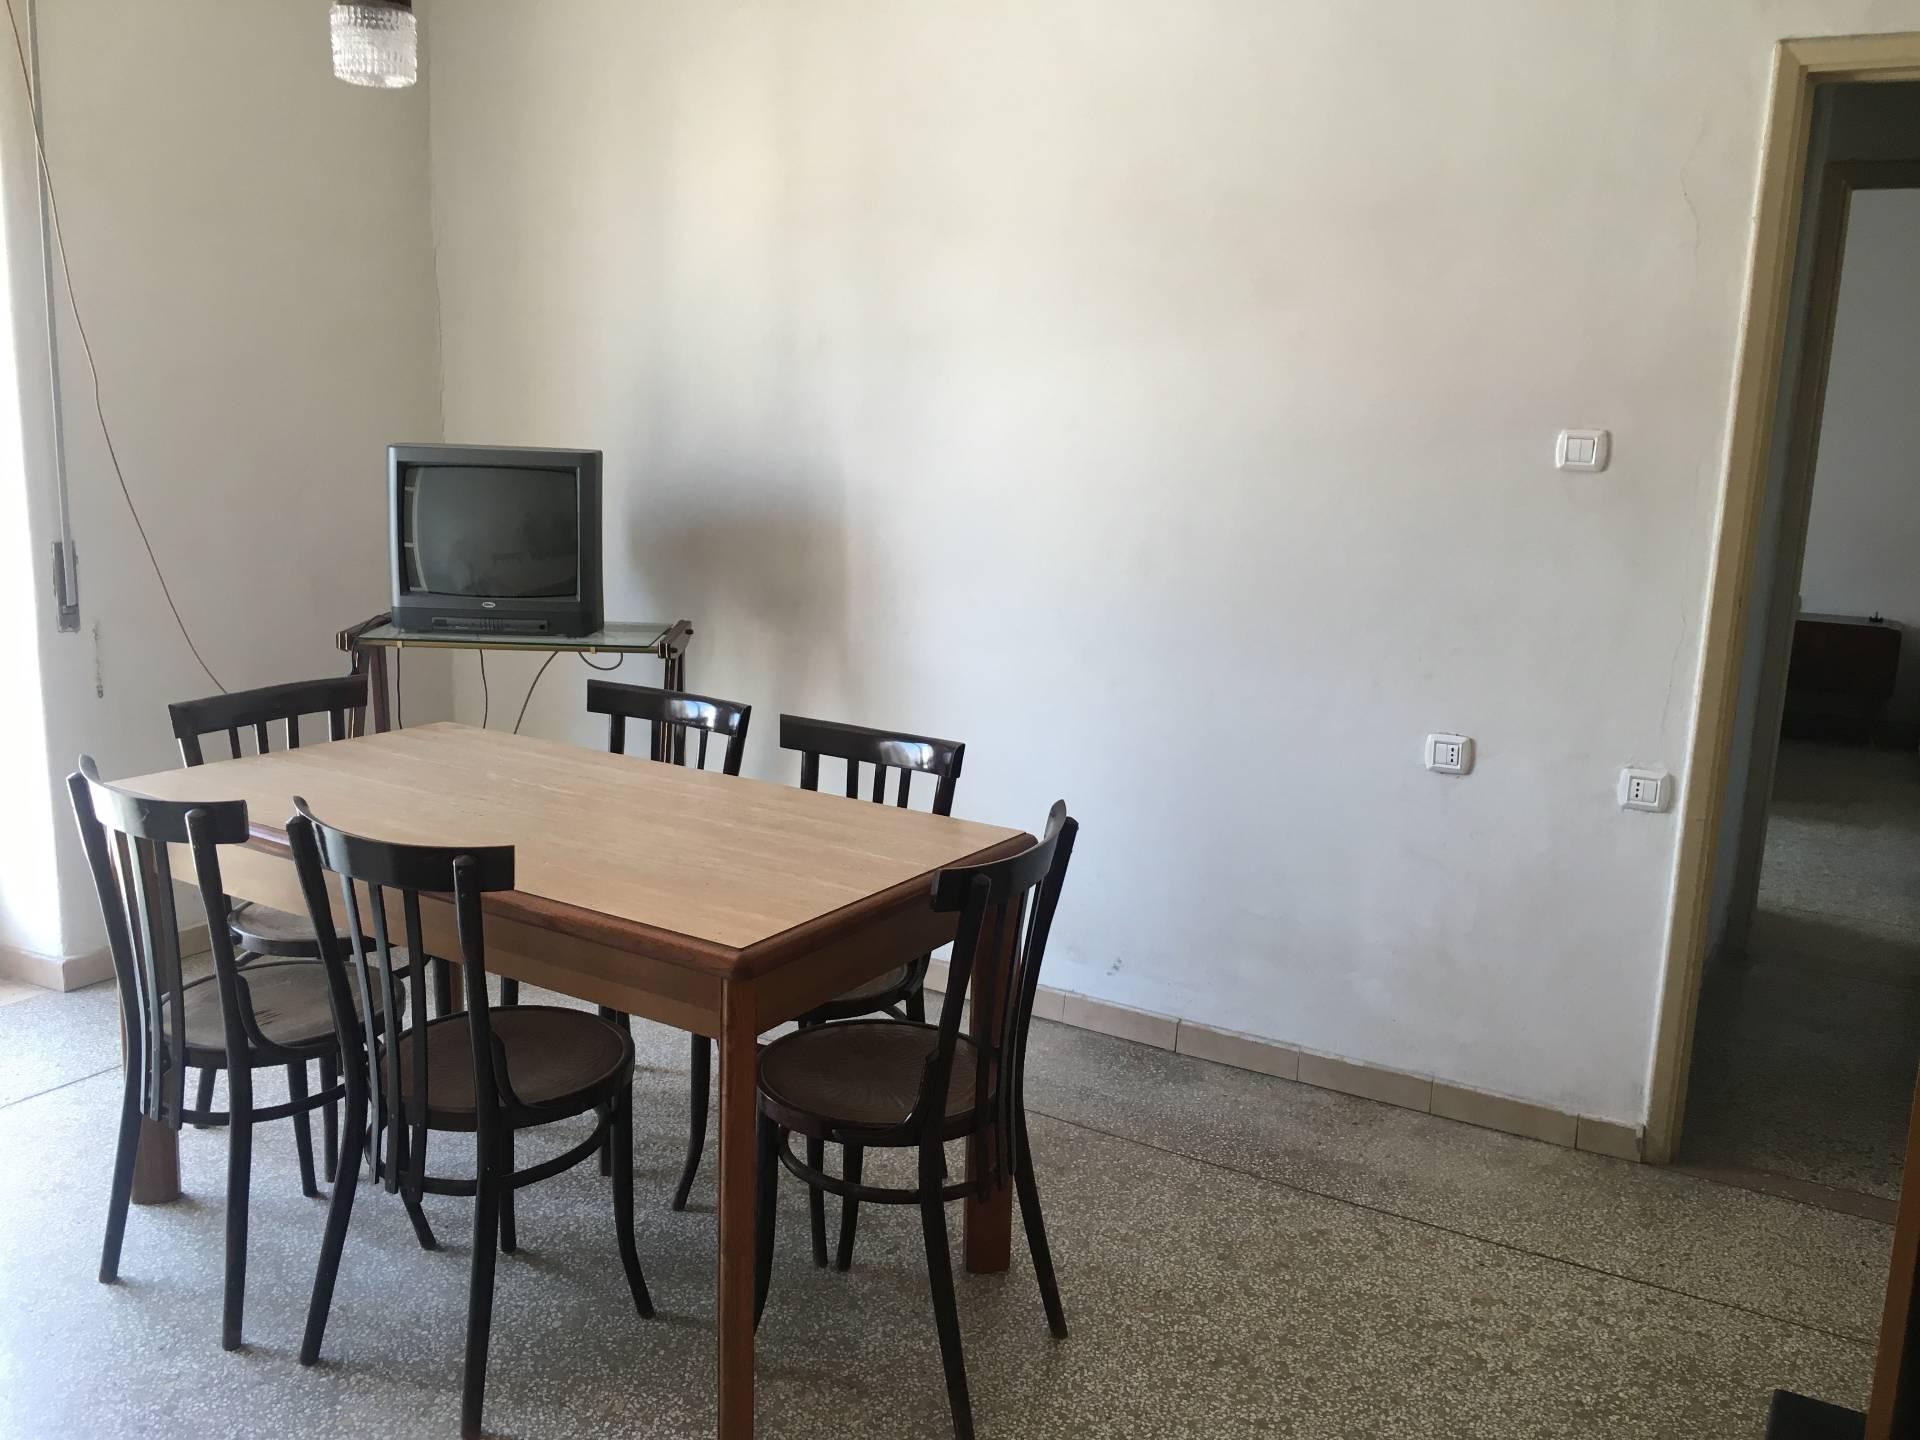 Appartamento in vendita a San Giuseppe Vesuviano, 3 locali, prezzo € 75.000 | Cambio Casa.it